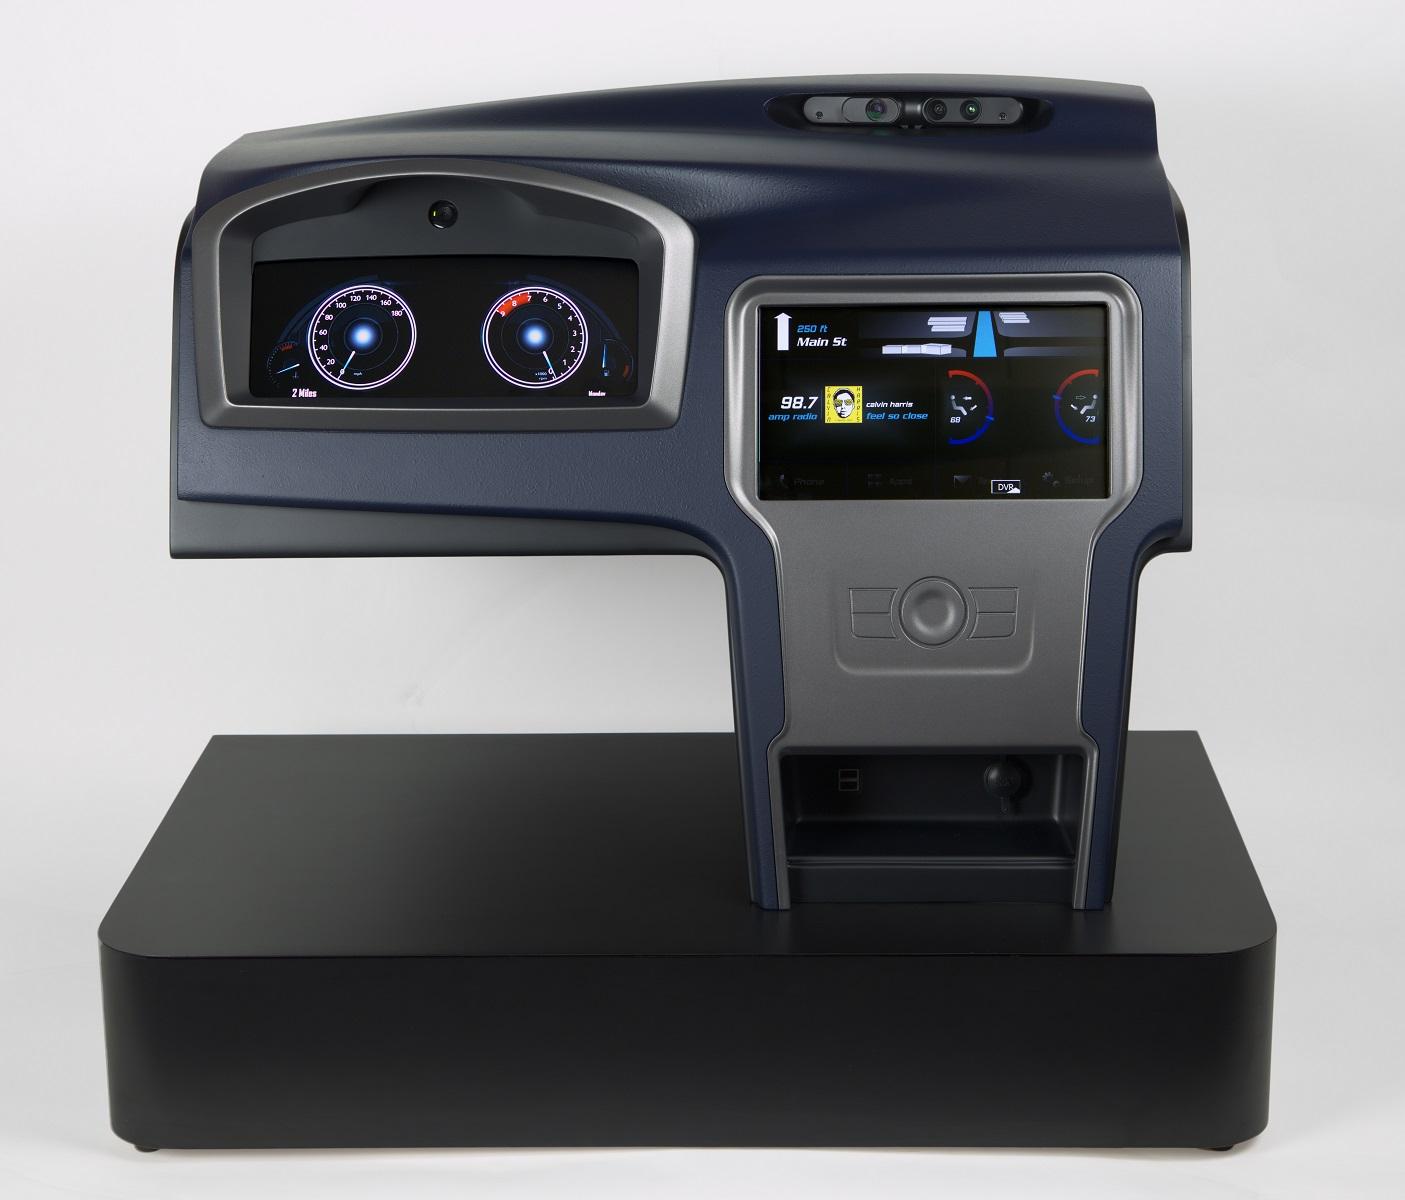 Camera-Enhanced Cockpit Concept